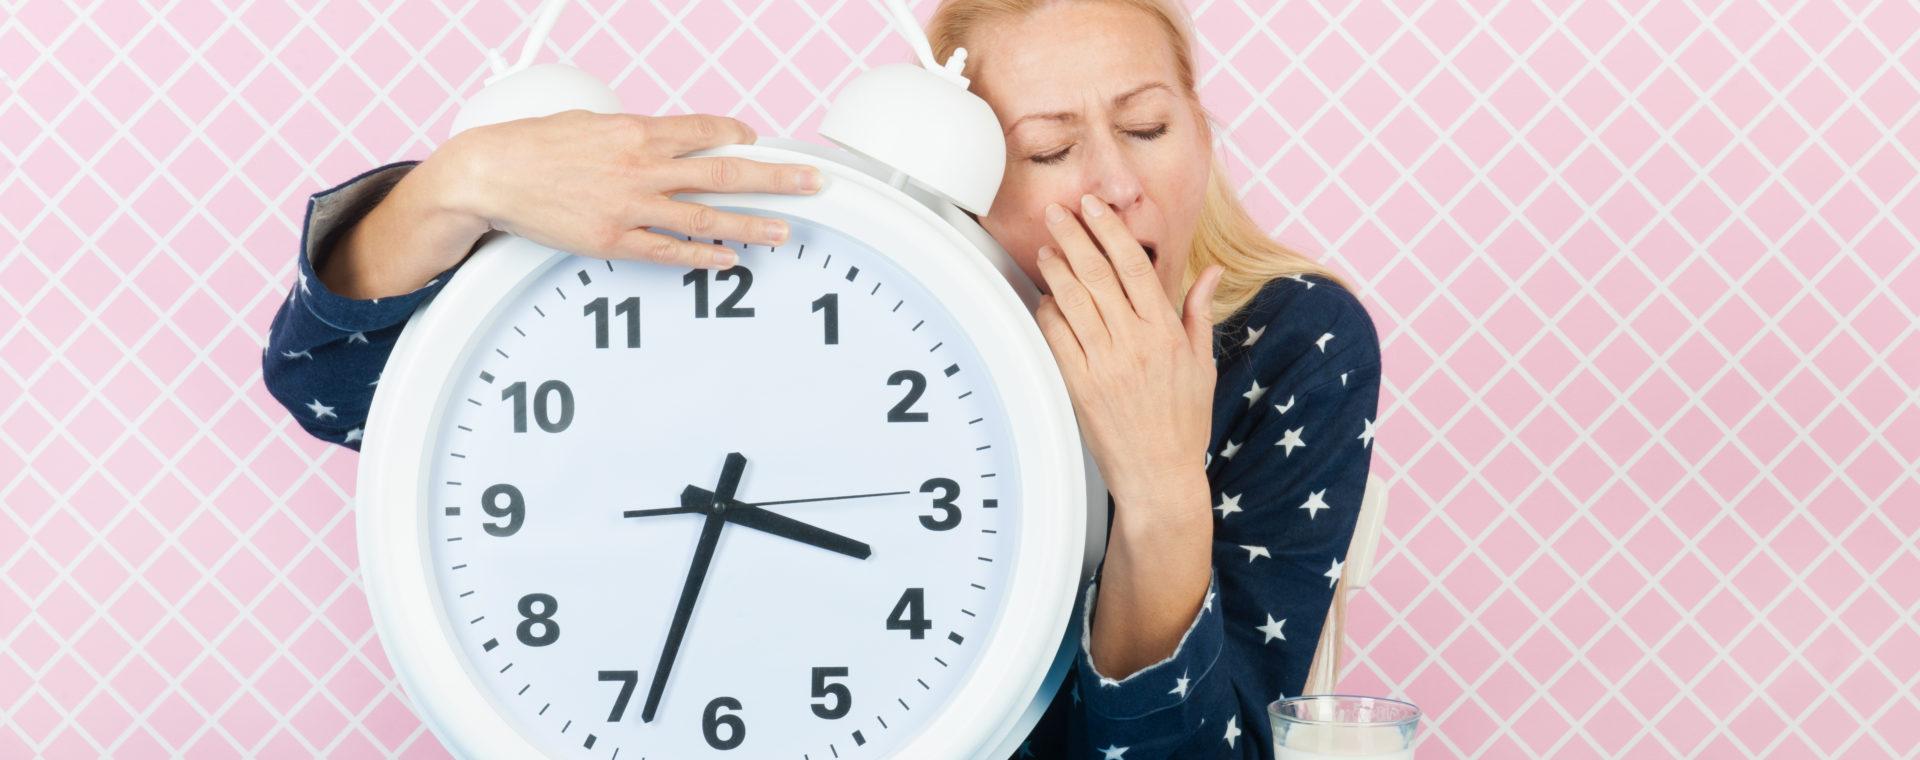 Troubles du sommeil et ménopause, que devons-nous faire ?